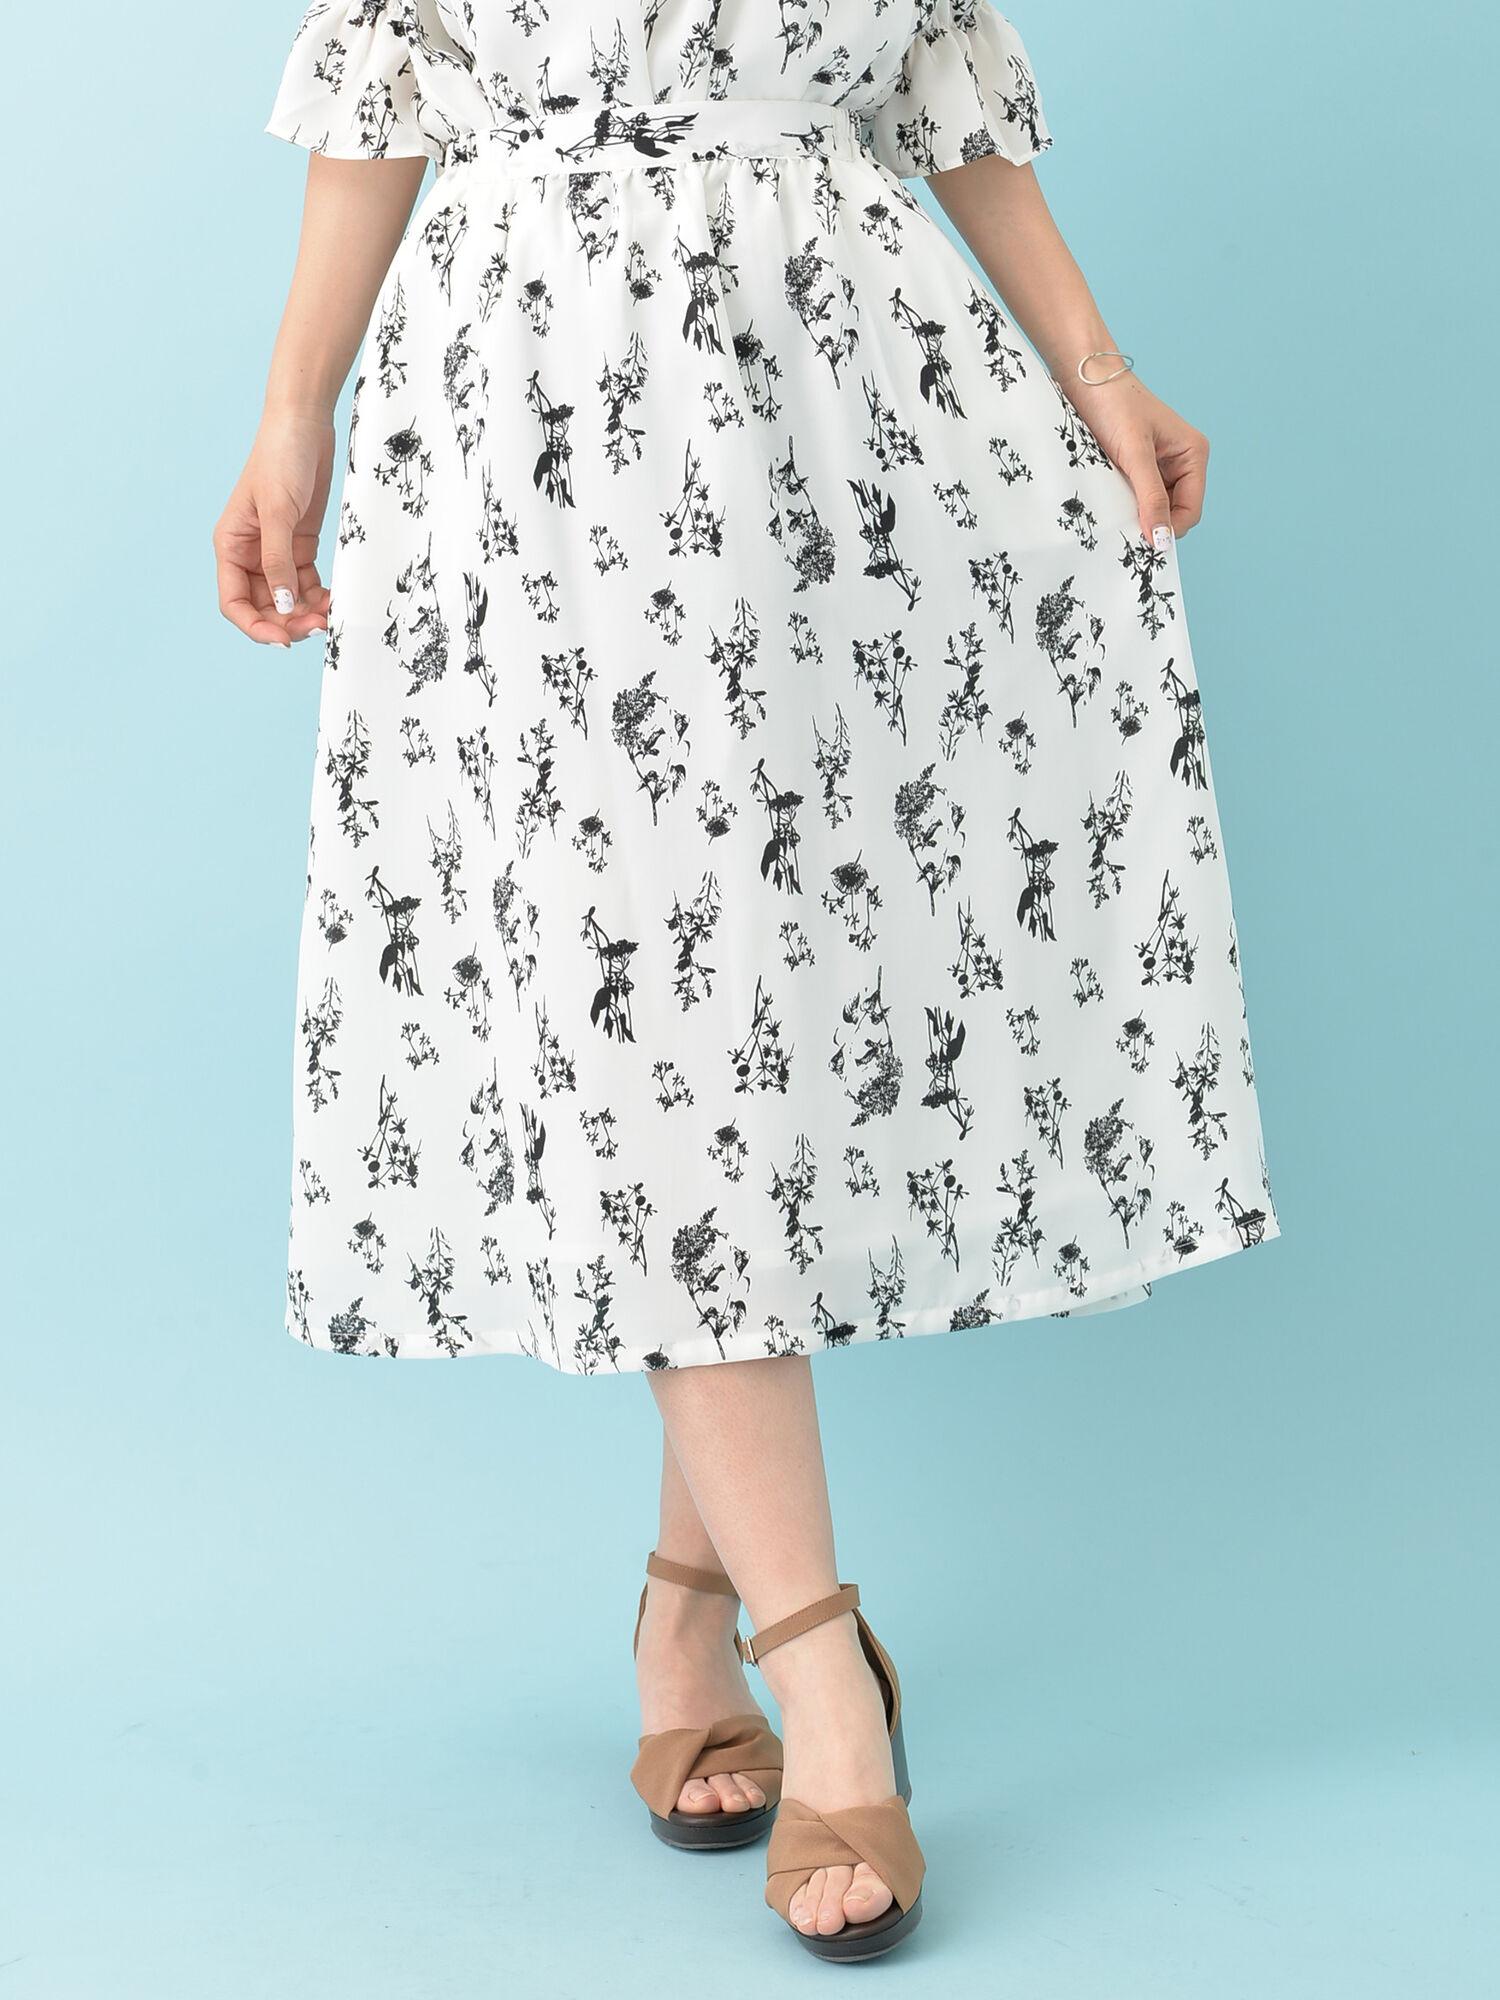 ・m花柄ミディ丈スカート